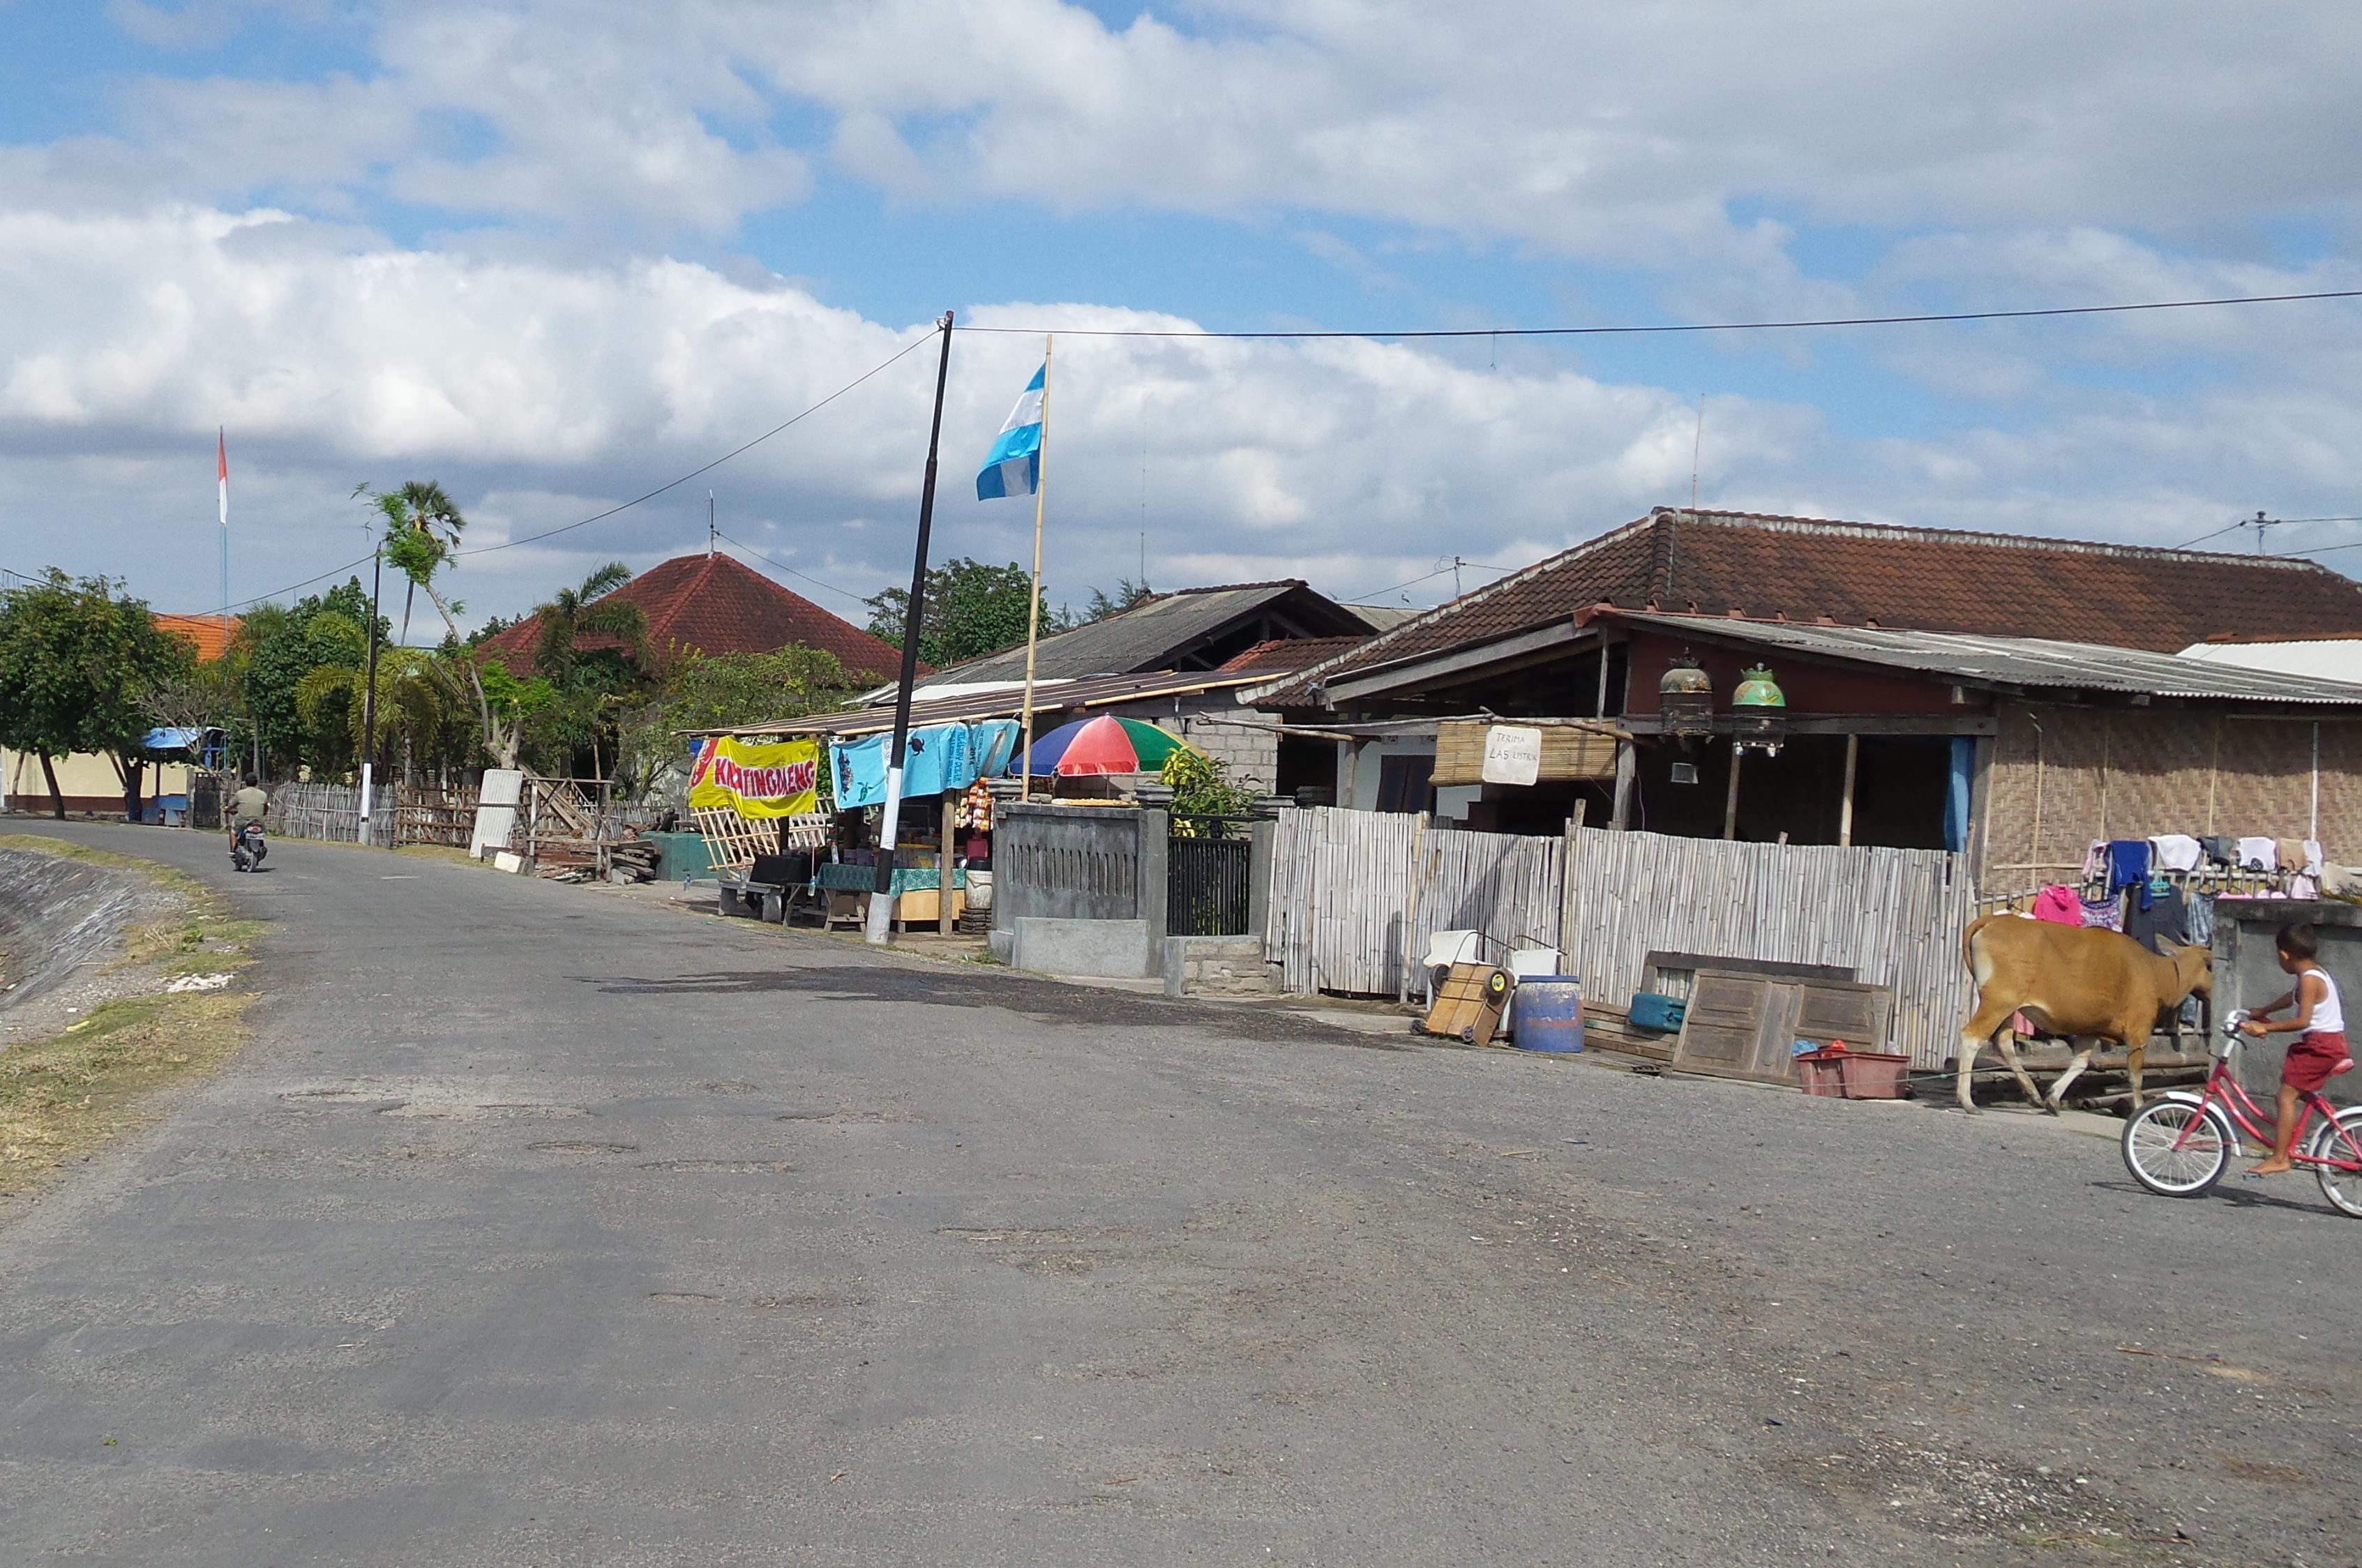 Serangan Island Bali Kura Guide Location Important Hindu Temple Pura